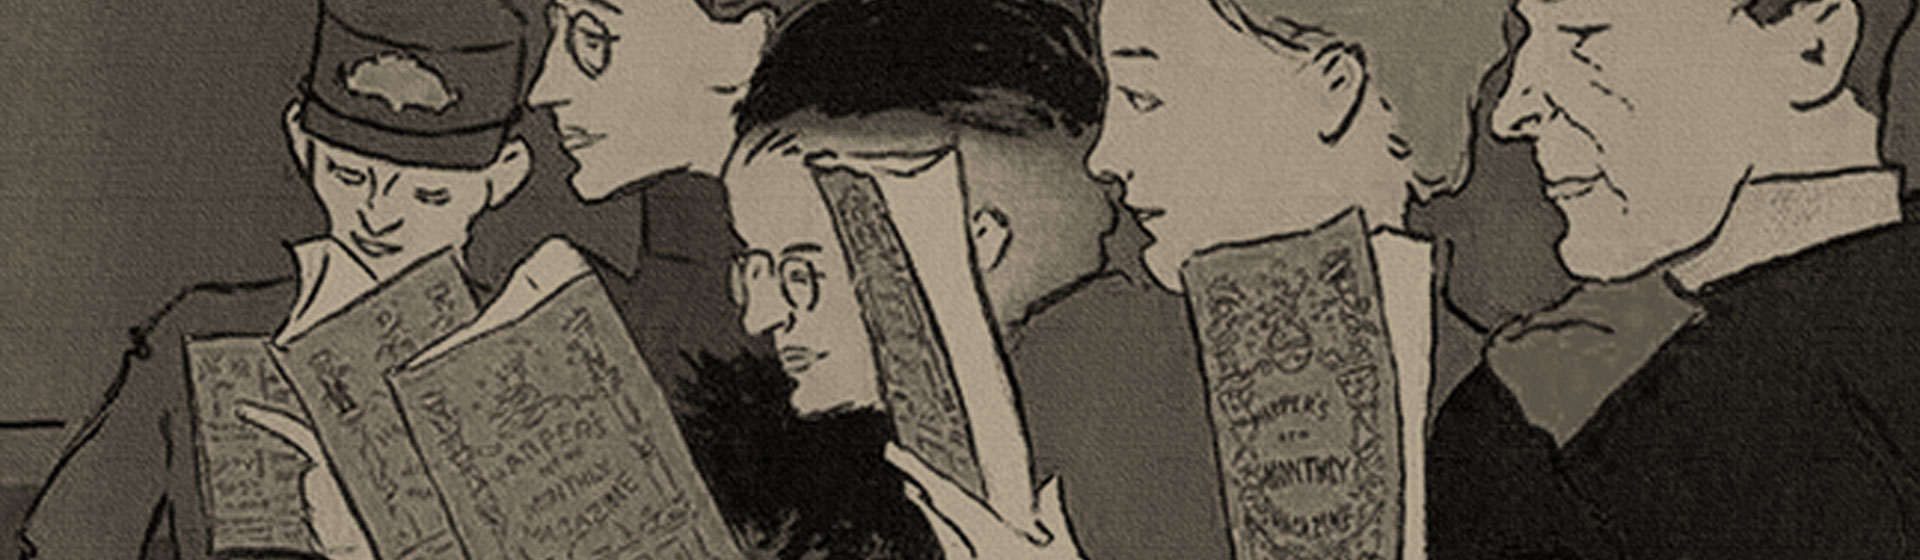 ilustracion personas leyendo